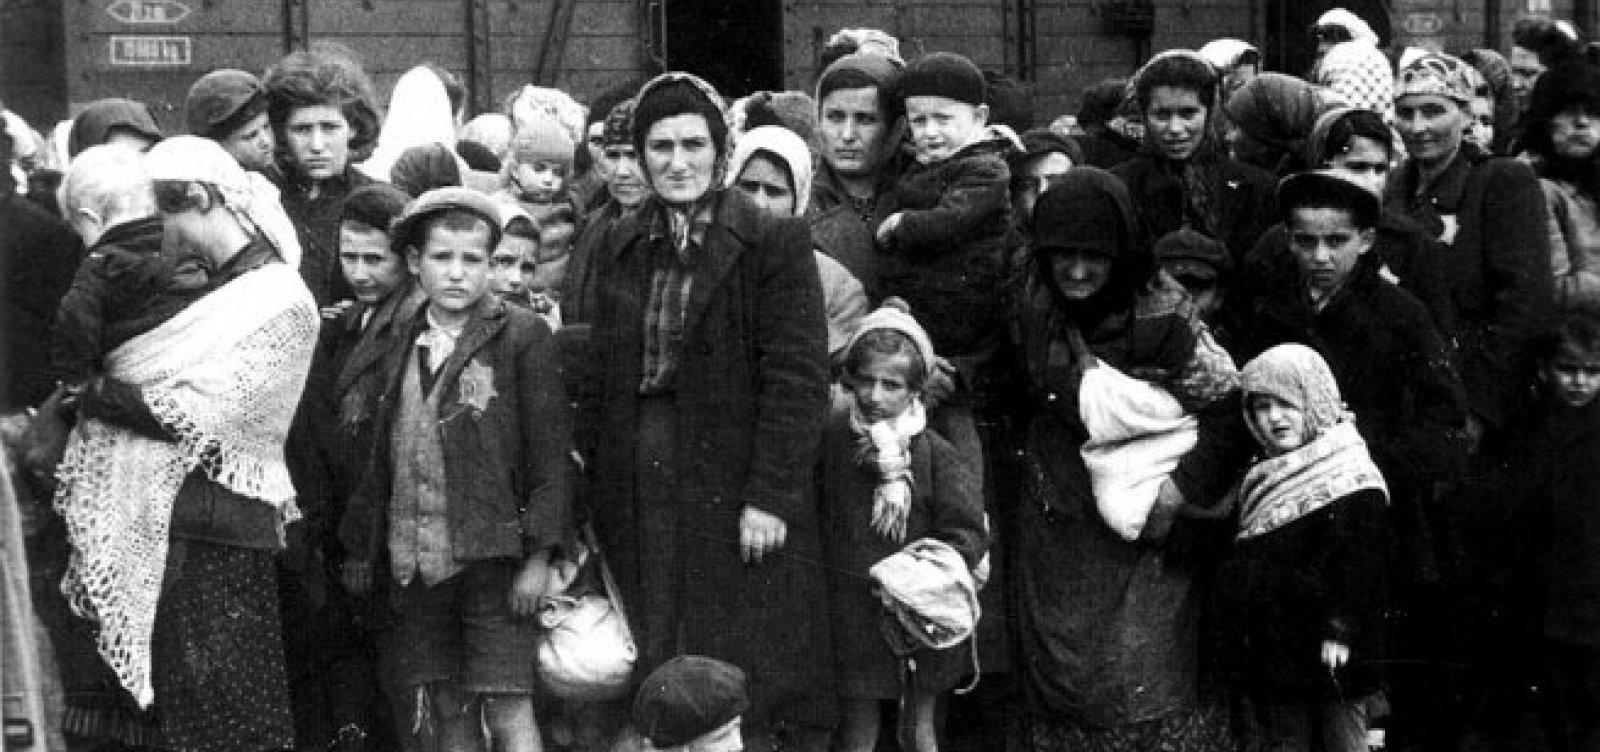 Dia Internacional em Memória das Vítimas do Holocausto é celebrado nesta quarta-feira